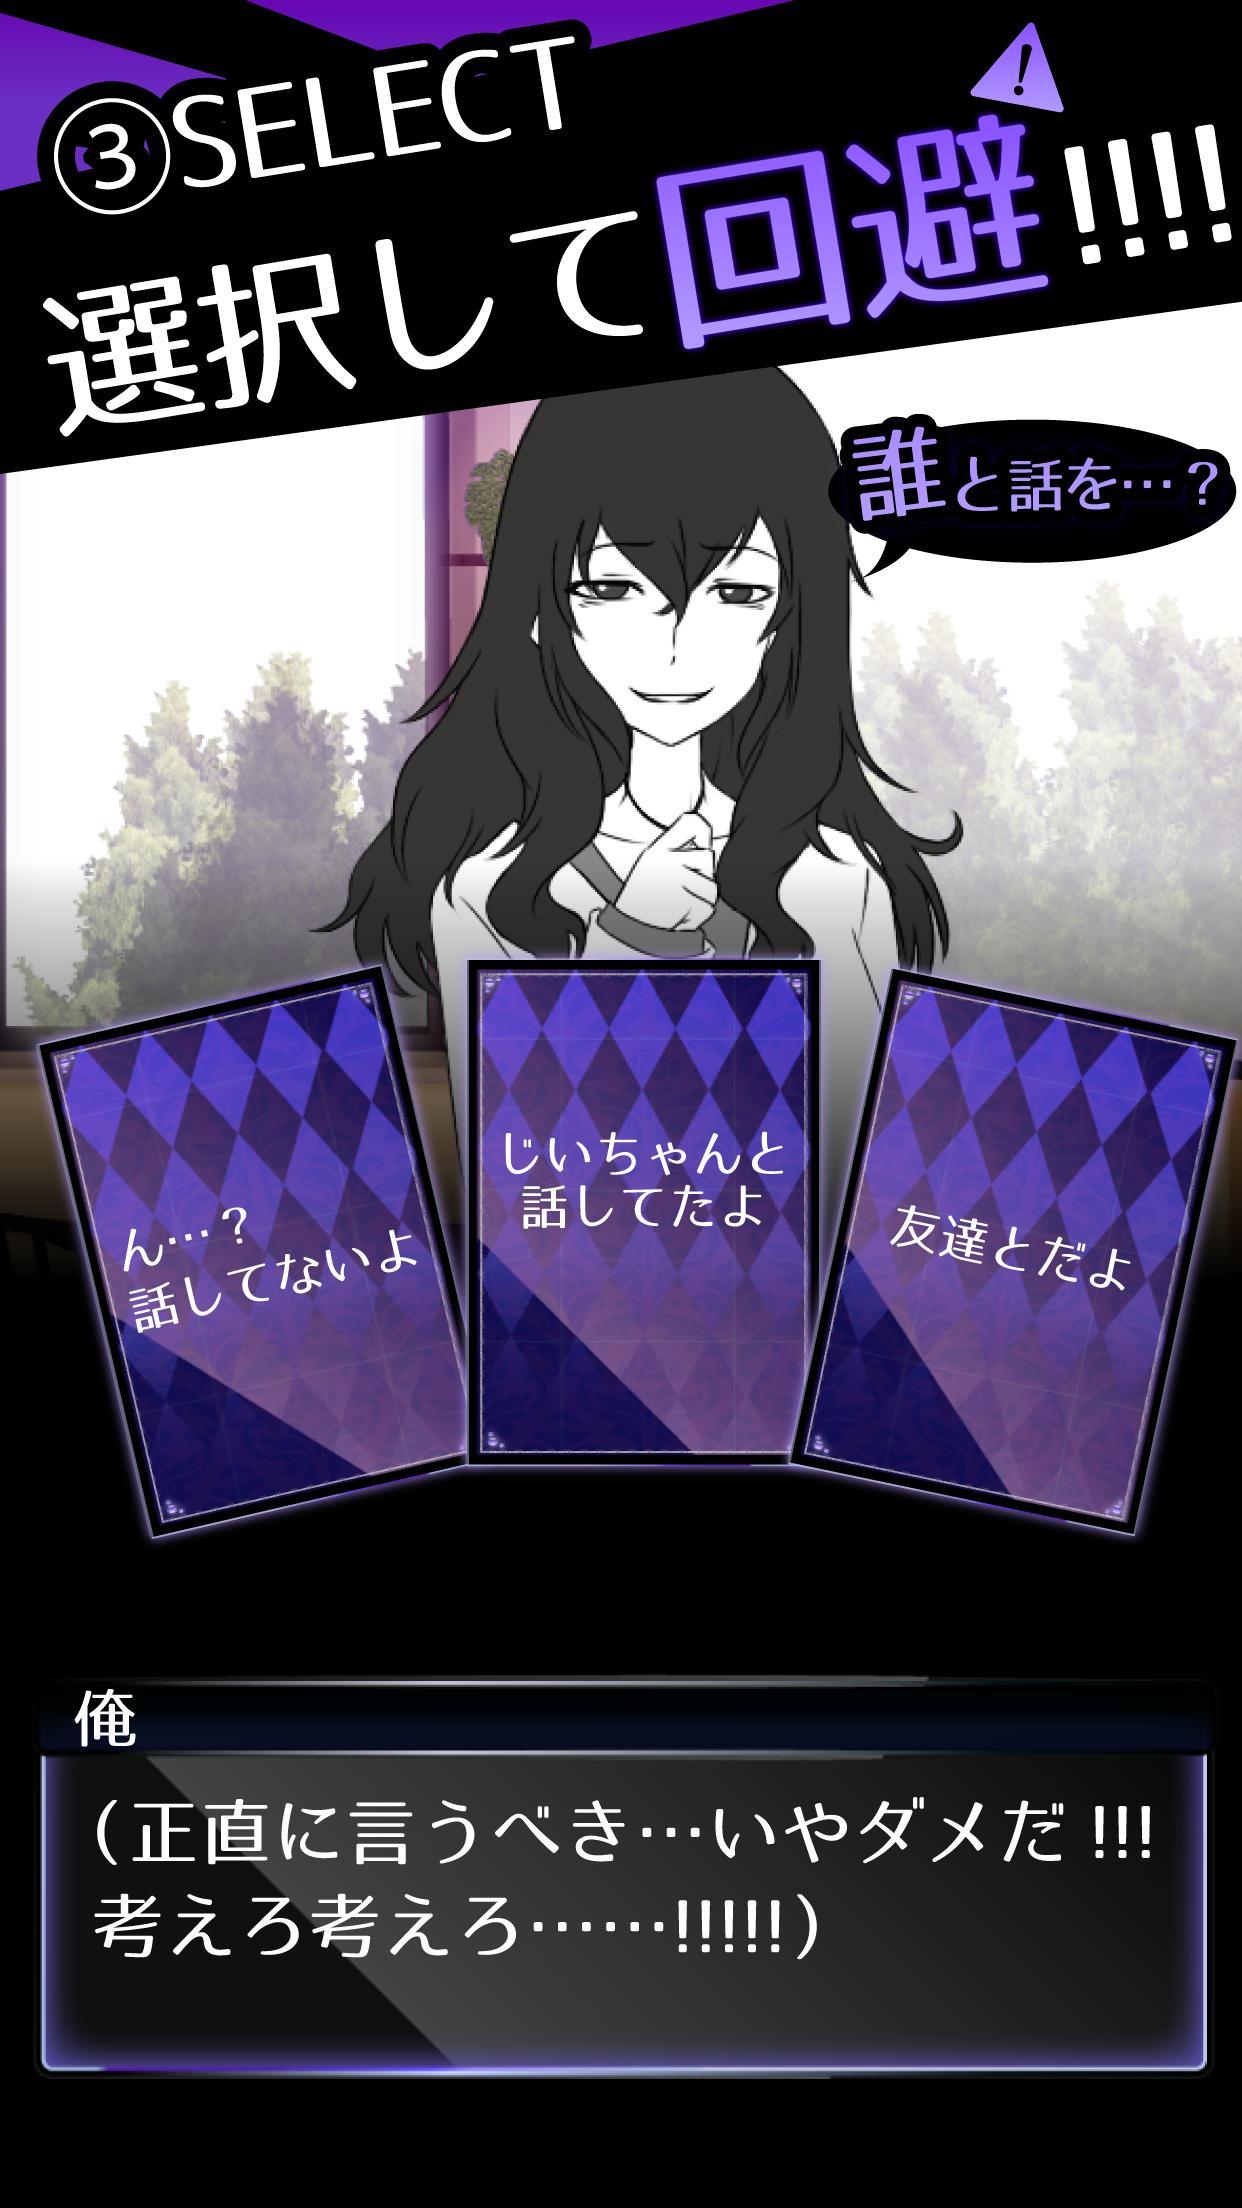 元カノは友達だから問題ない 1.6.0 Screenshot 4